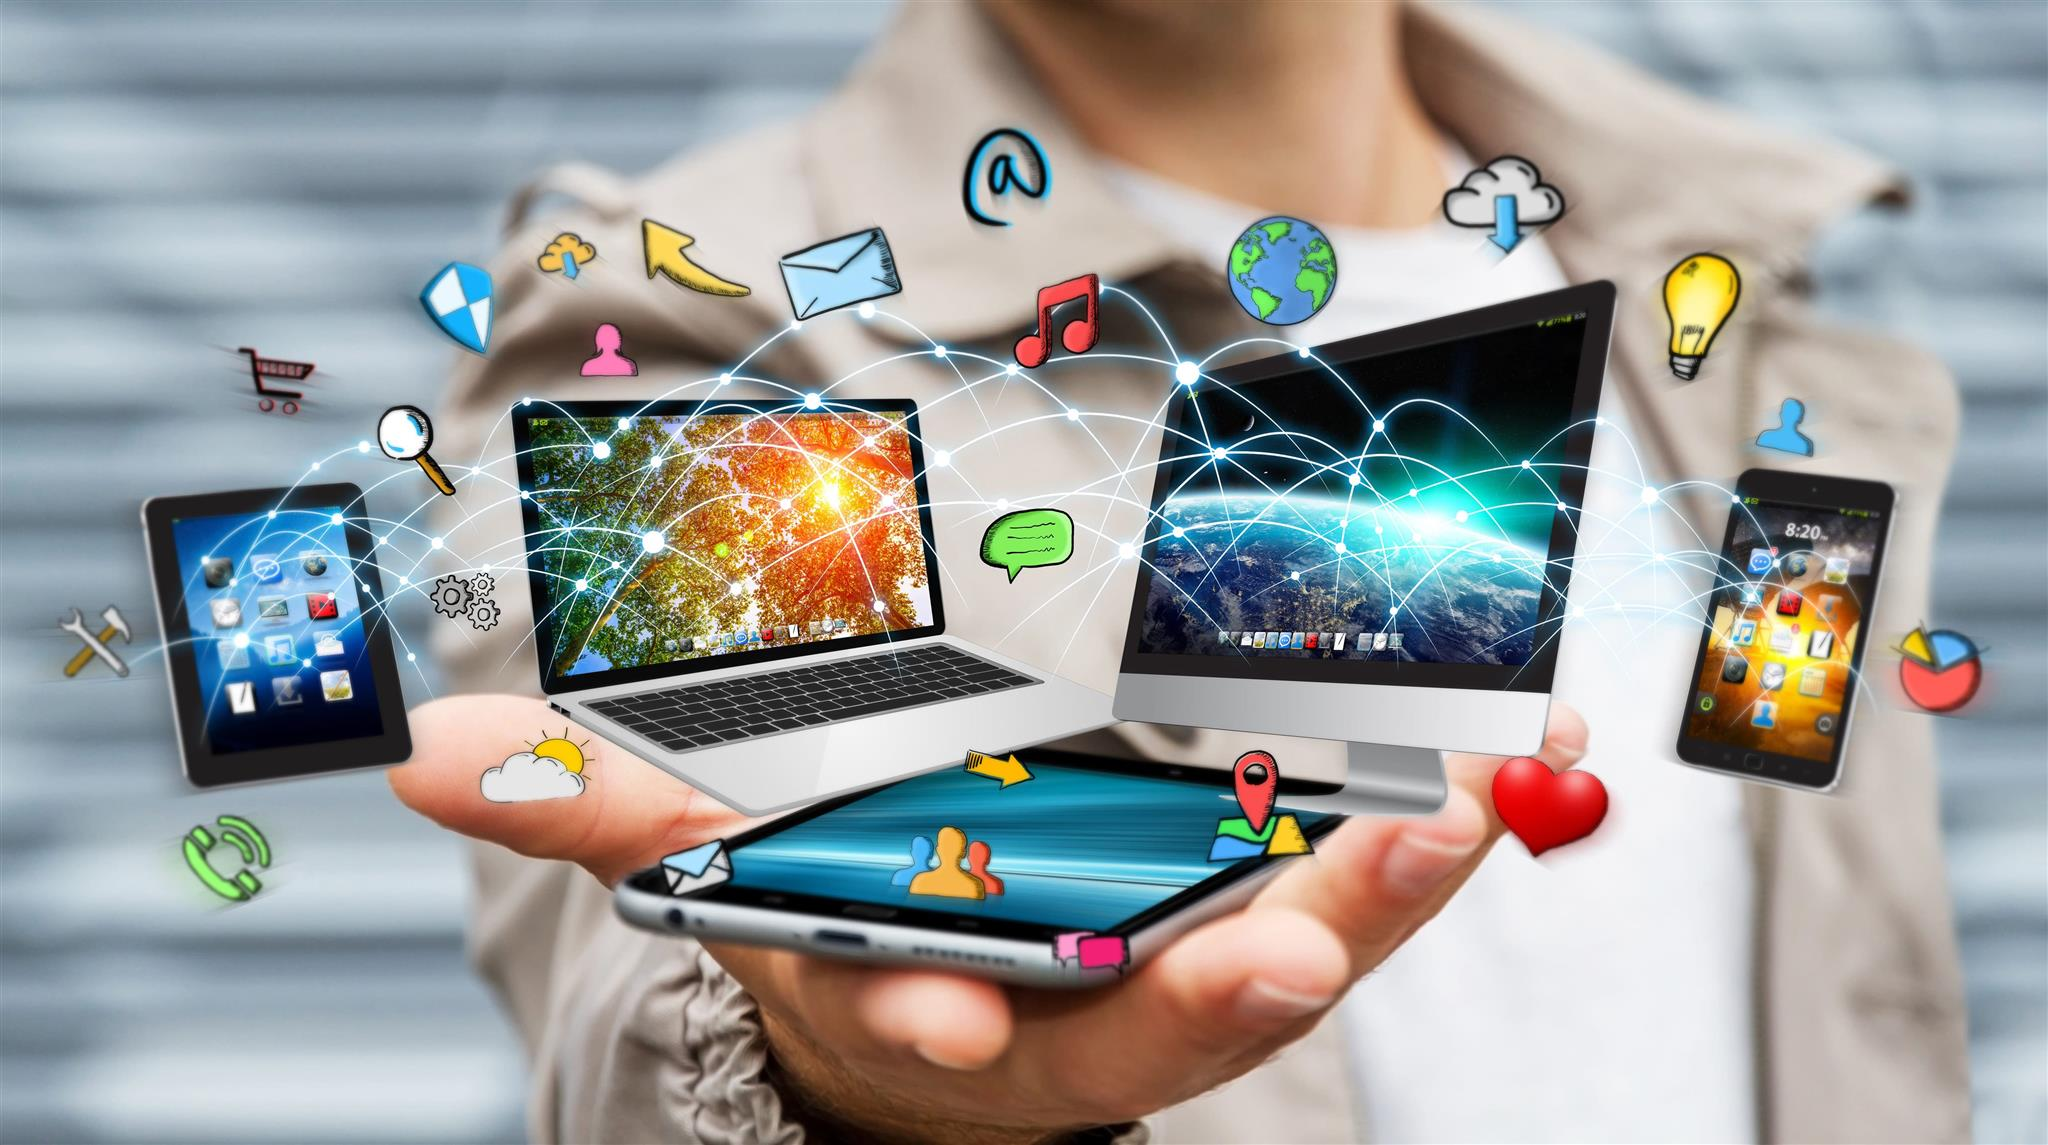 الإنفاق العالمي على التطبيقات بلغ 407 ملايين دولار